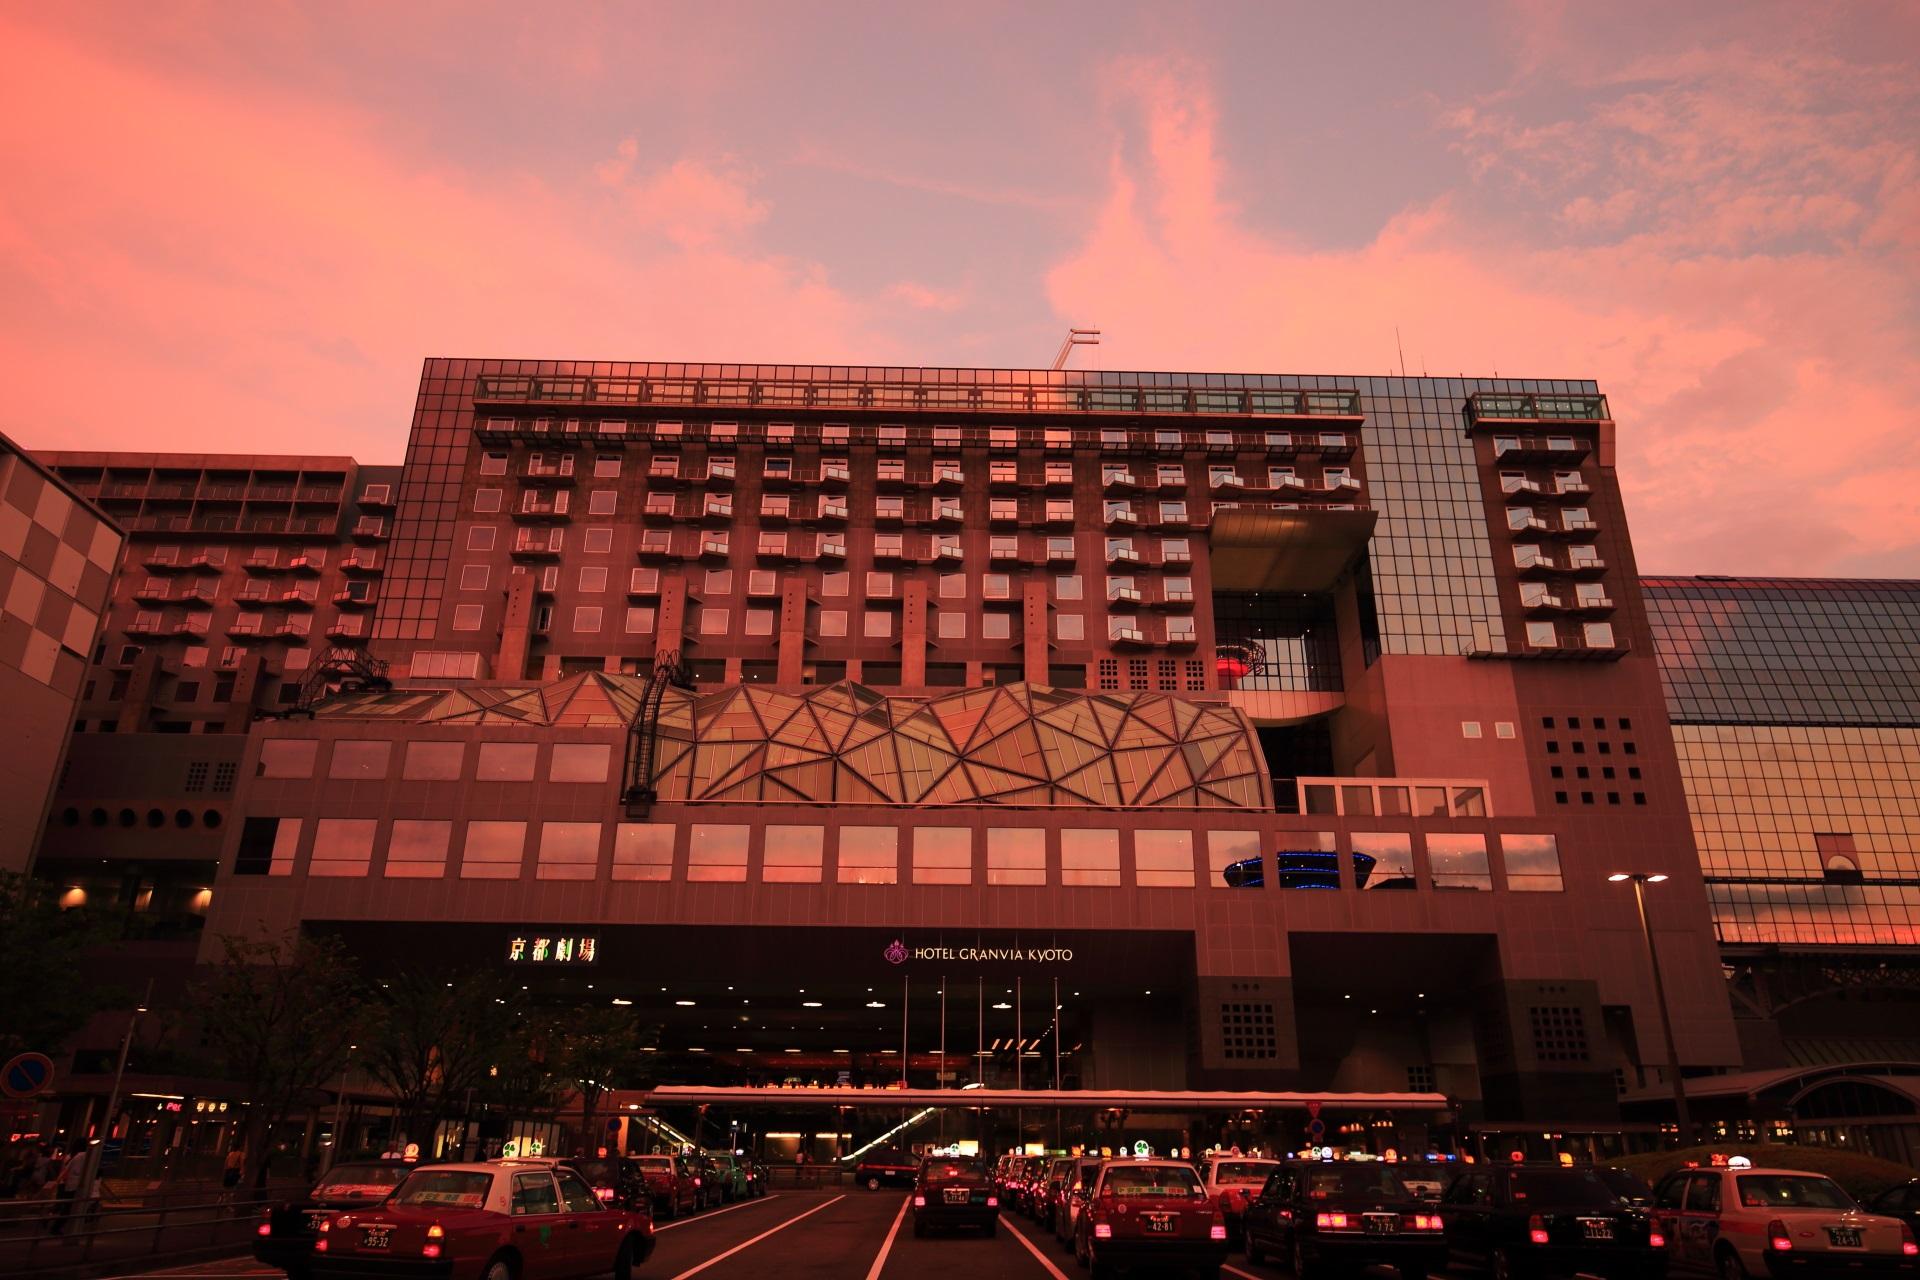 お家に帰る時間でタクシーもいっぱいの夕暮れの京都駅ビル